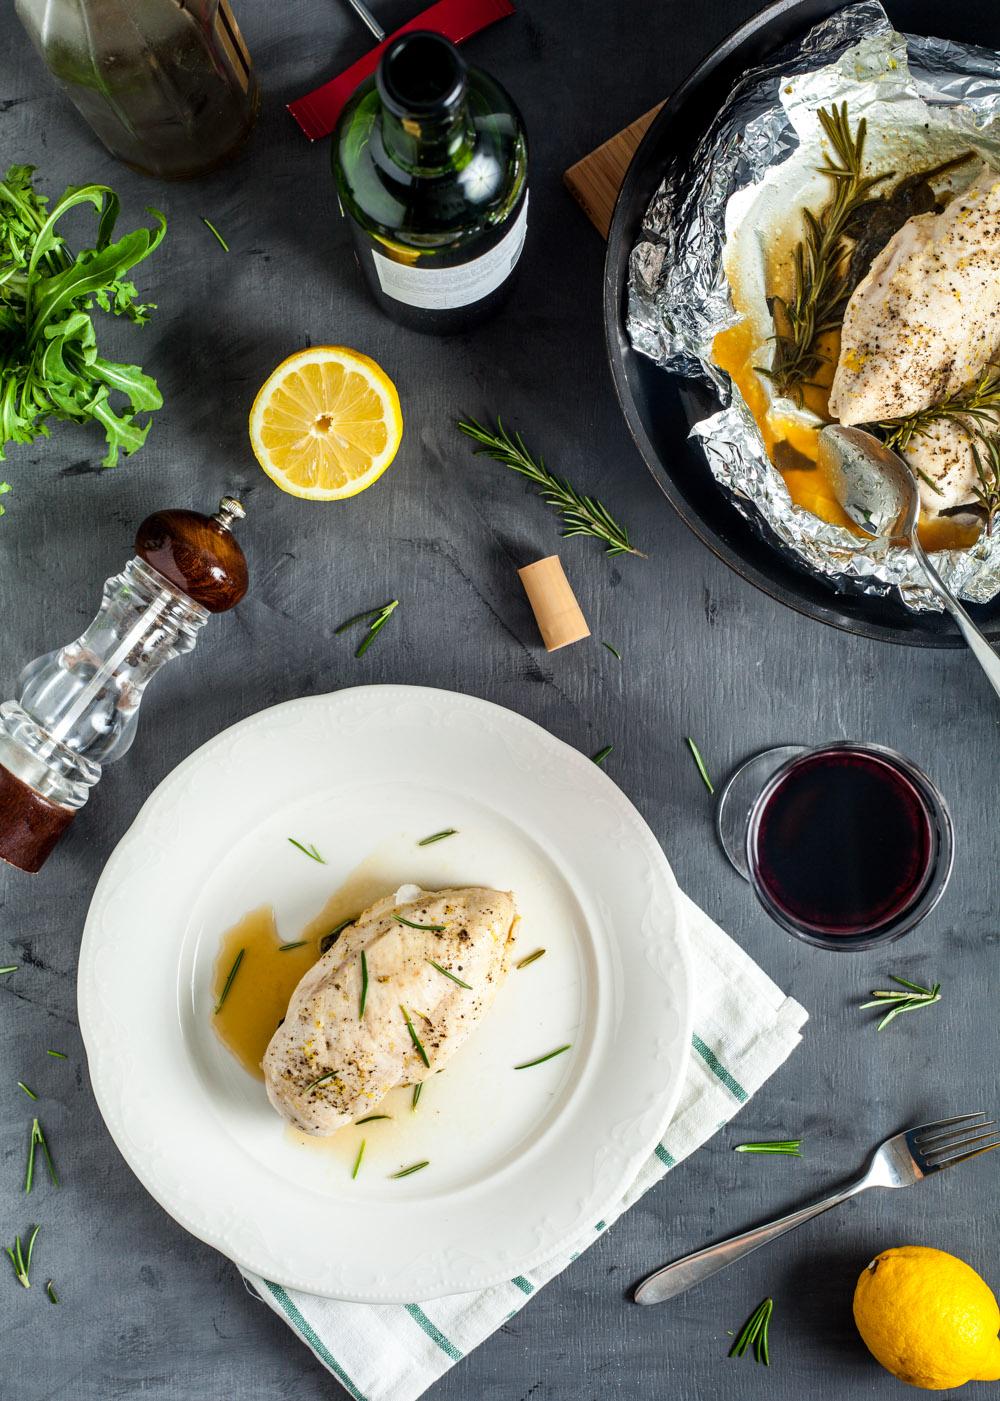 Пошаговый рецепт простых куриных грудок с розмарином и шпинатом в конверте из фольги за 15 минут